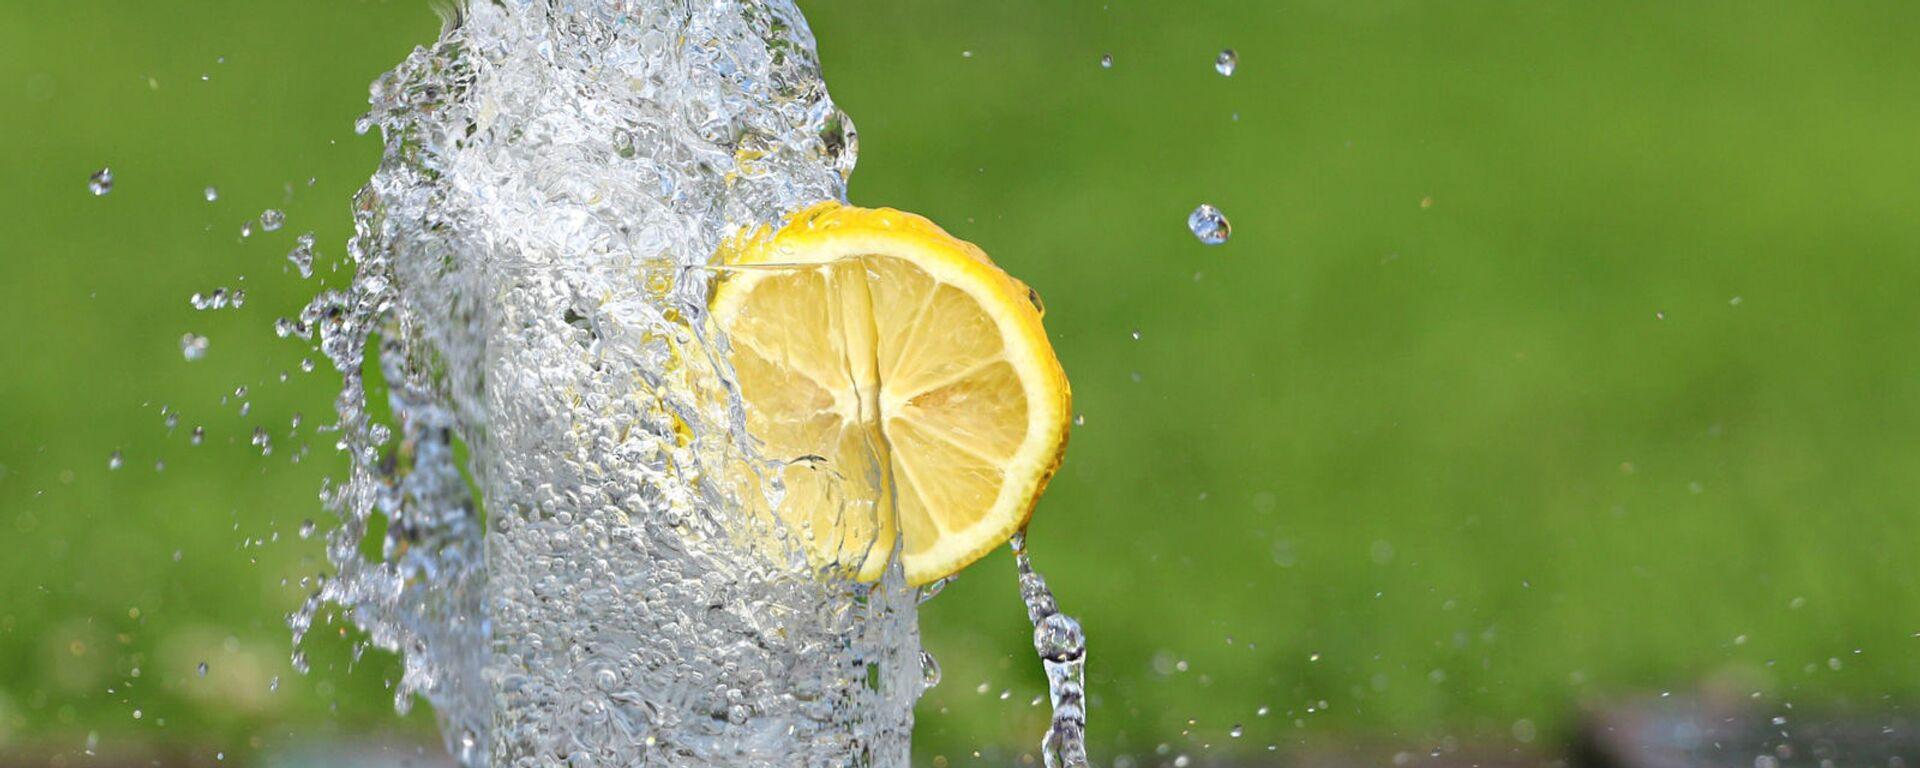 Холодная вода в бокале с долькой лимона - Sputnik Արմենիա, 1920, 16.04.2021